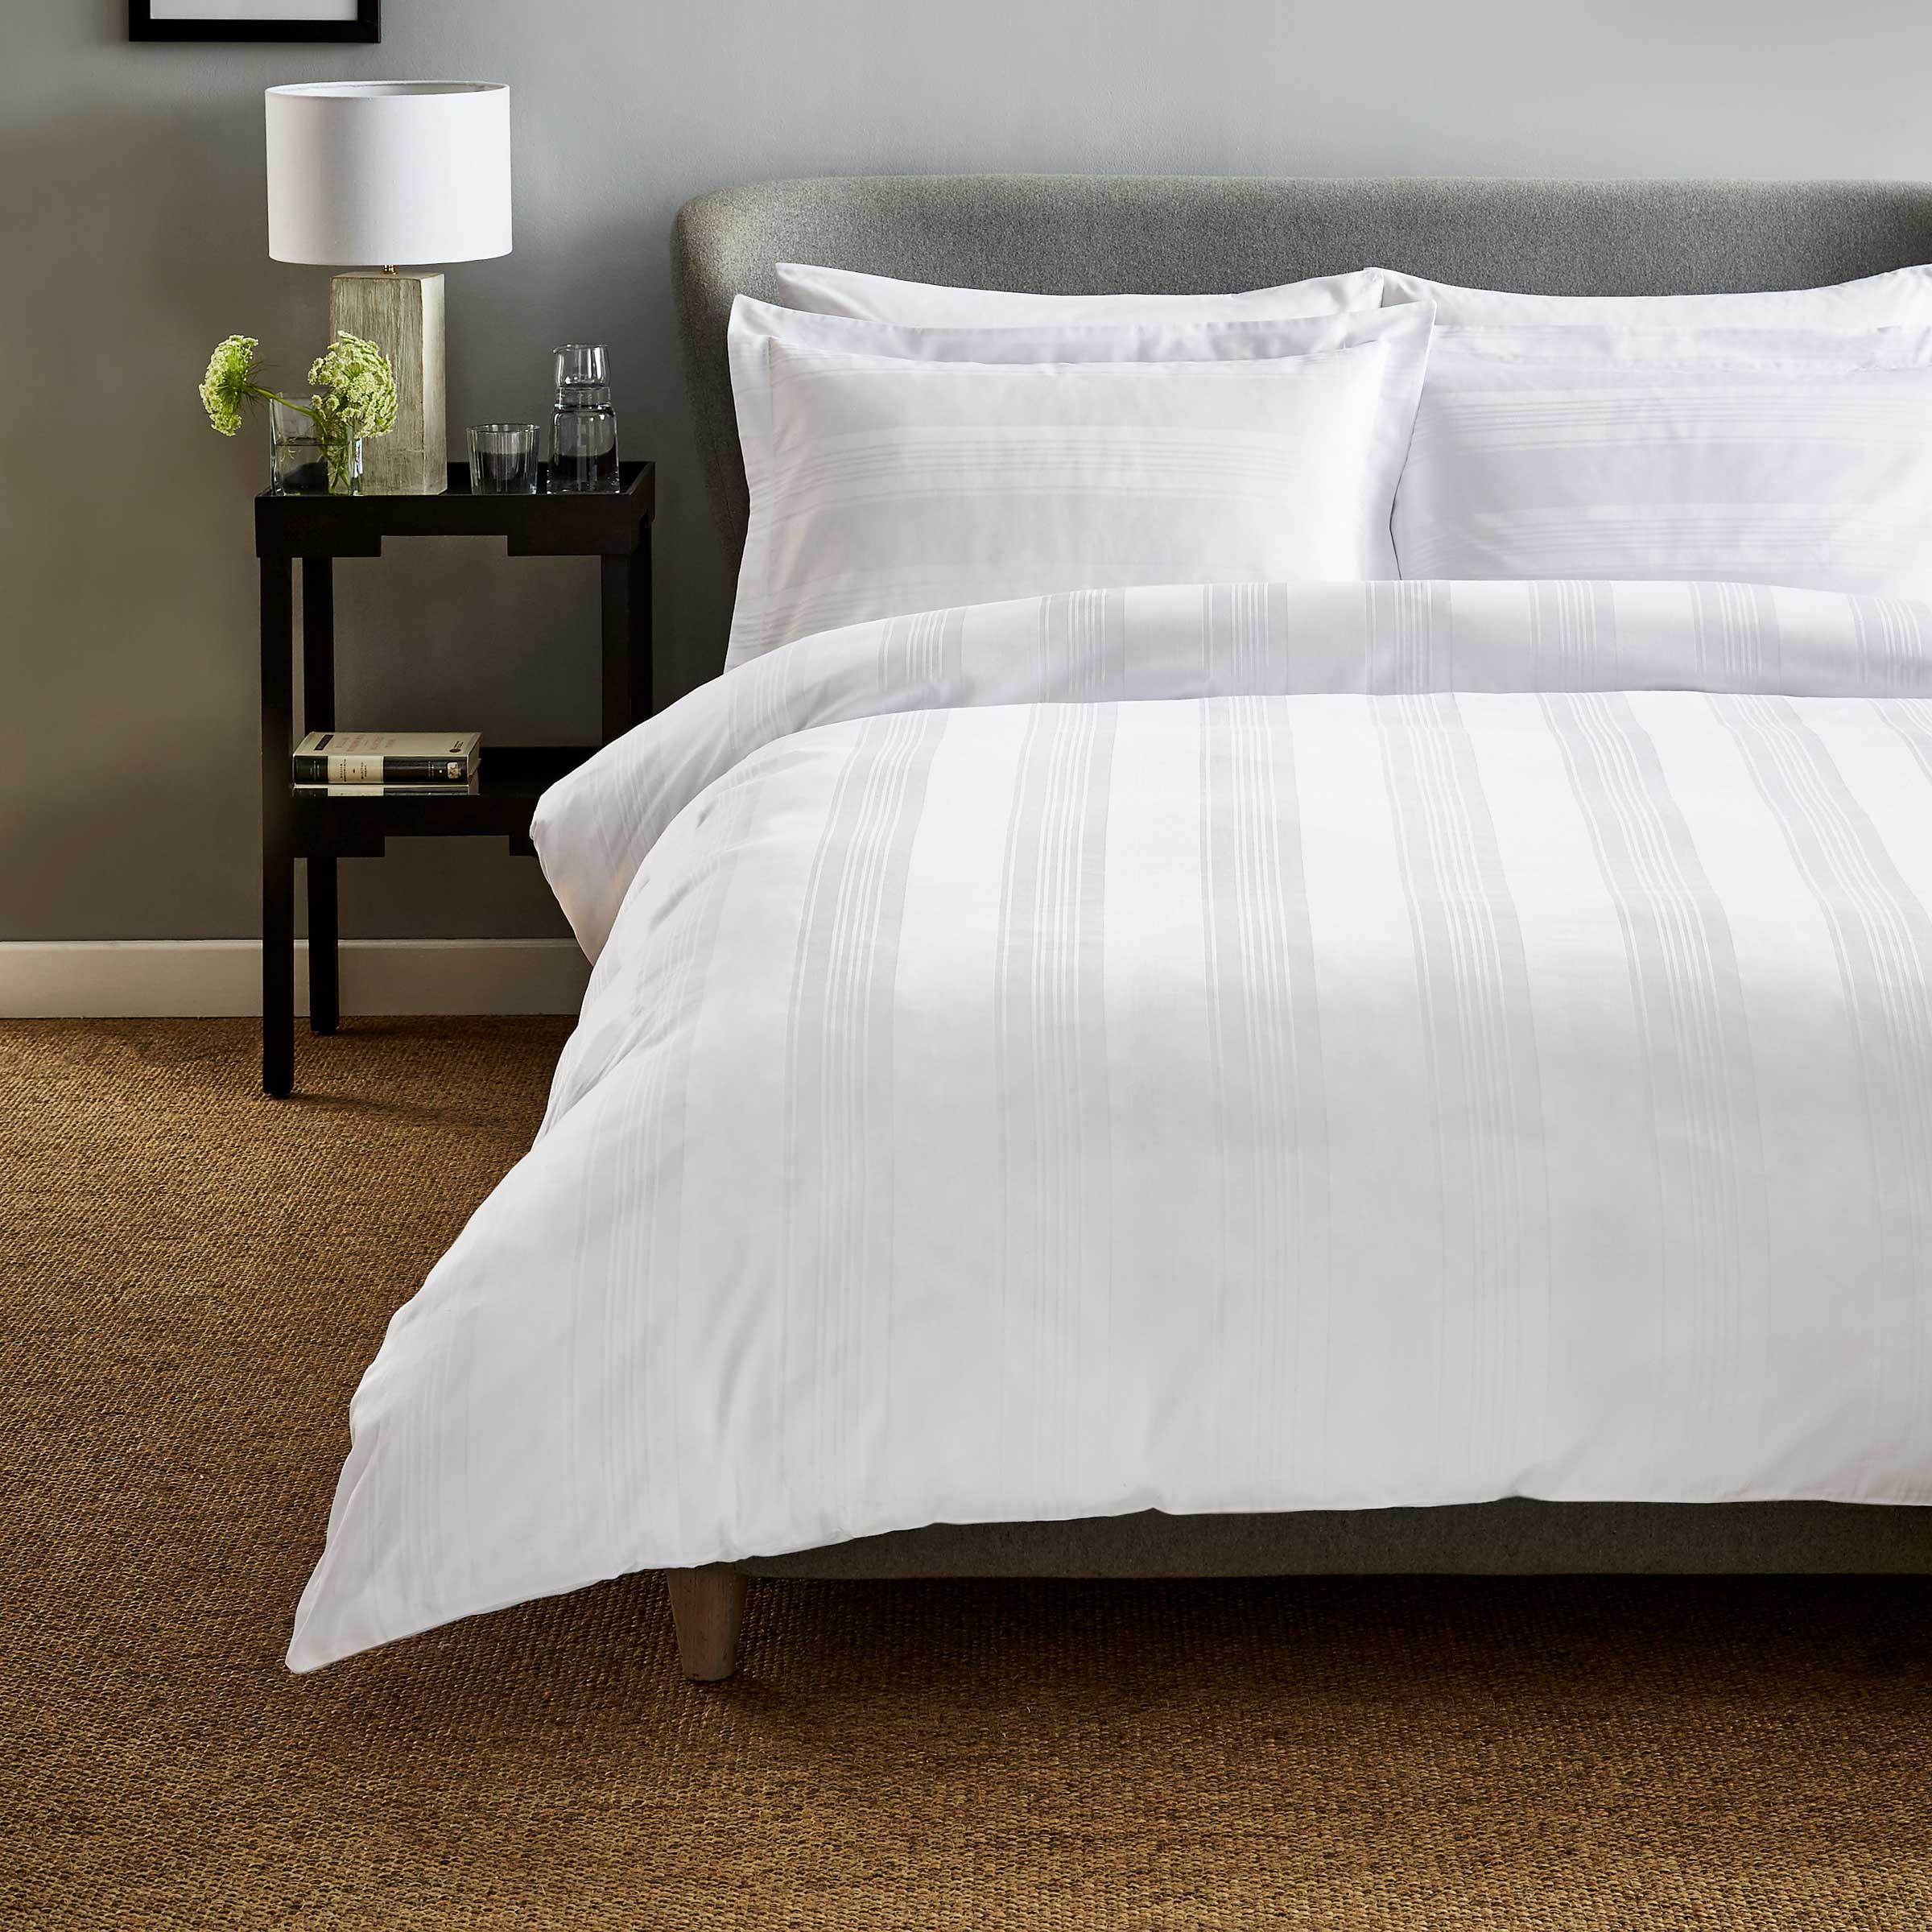 Cheap Bed Linen Sets